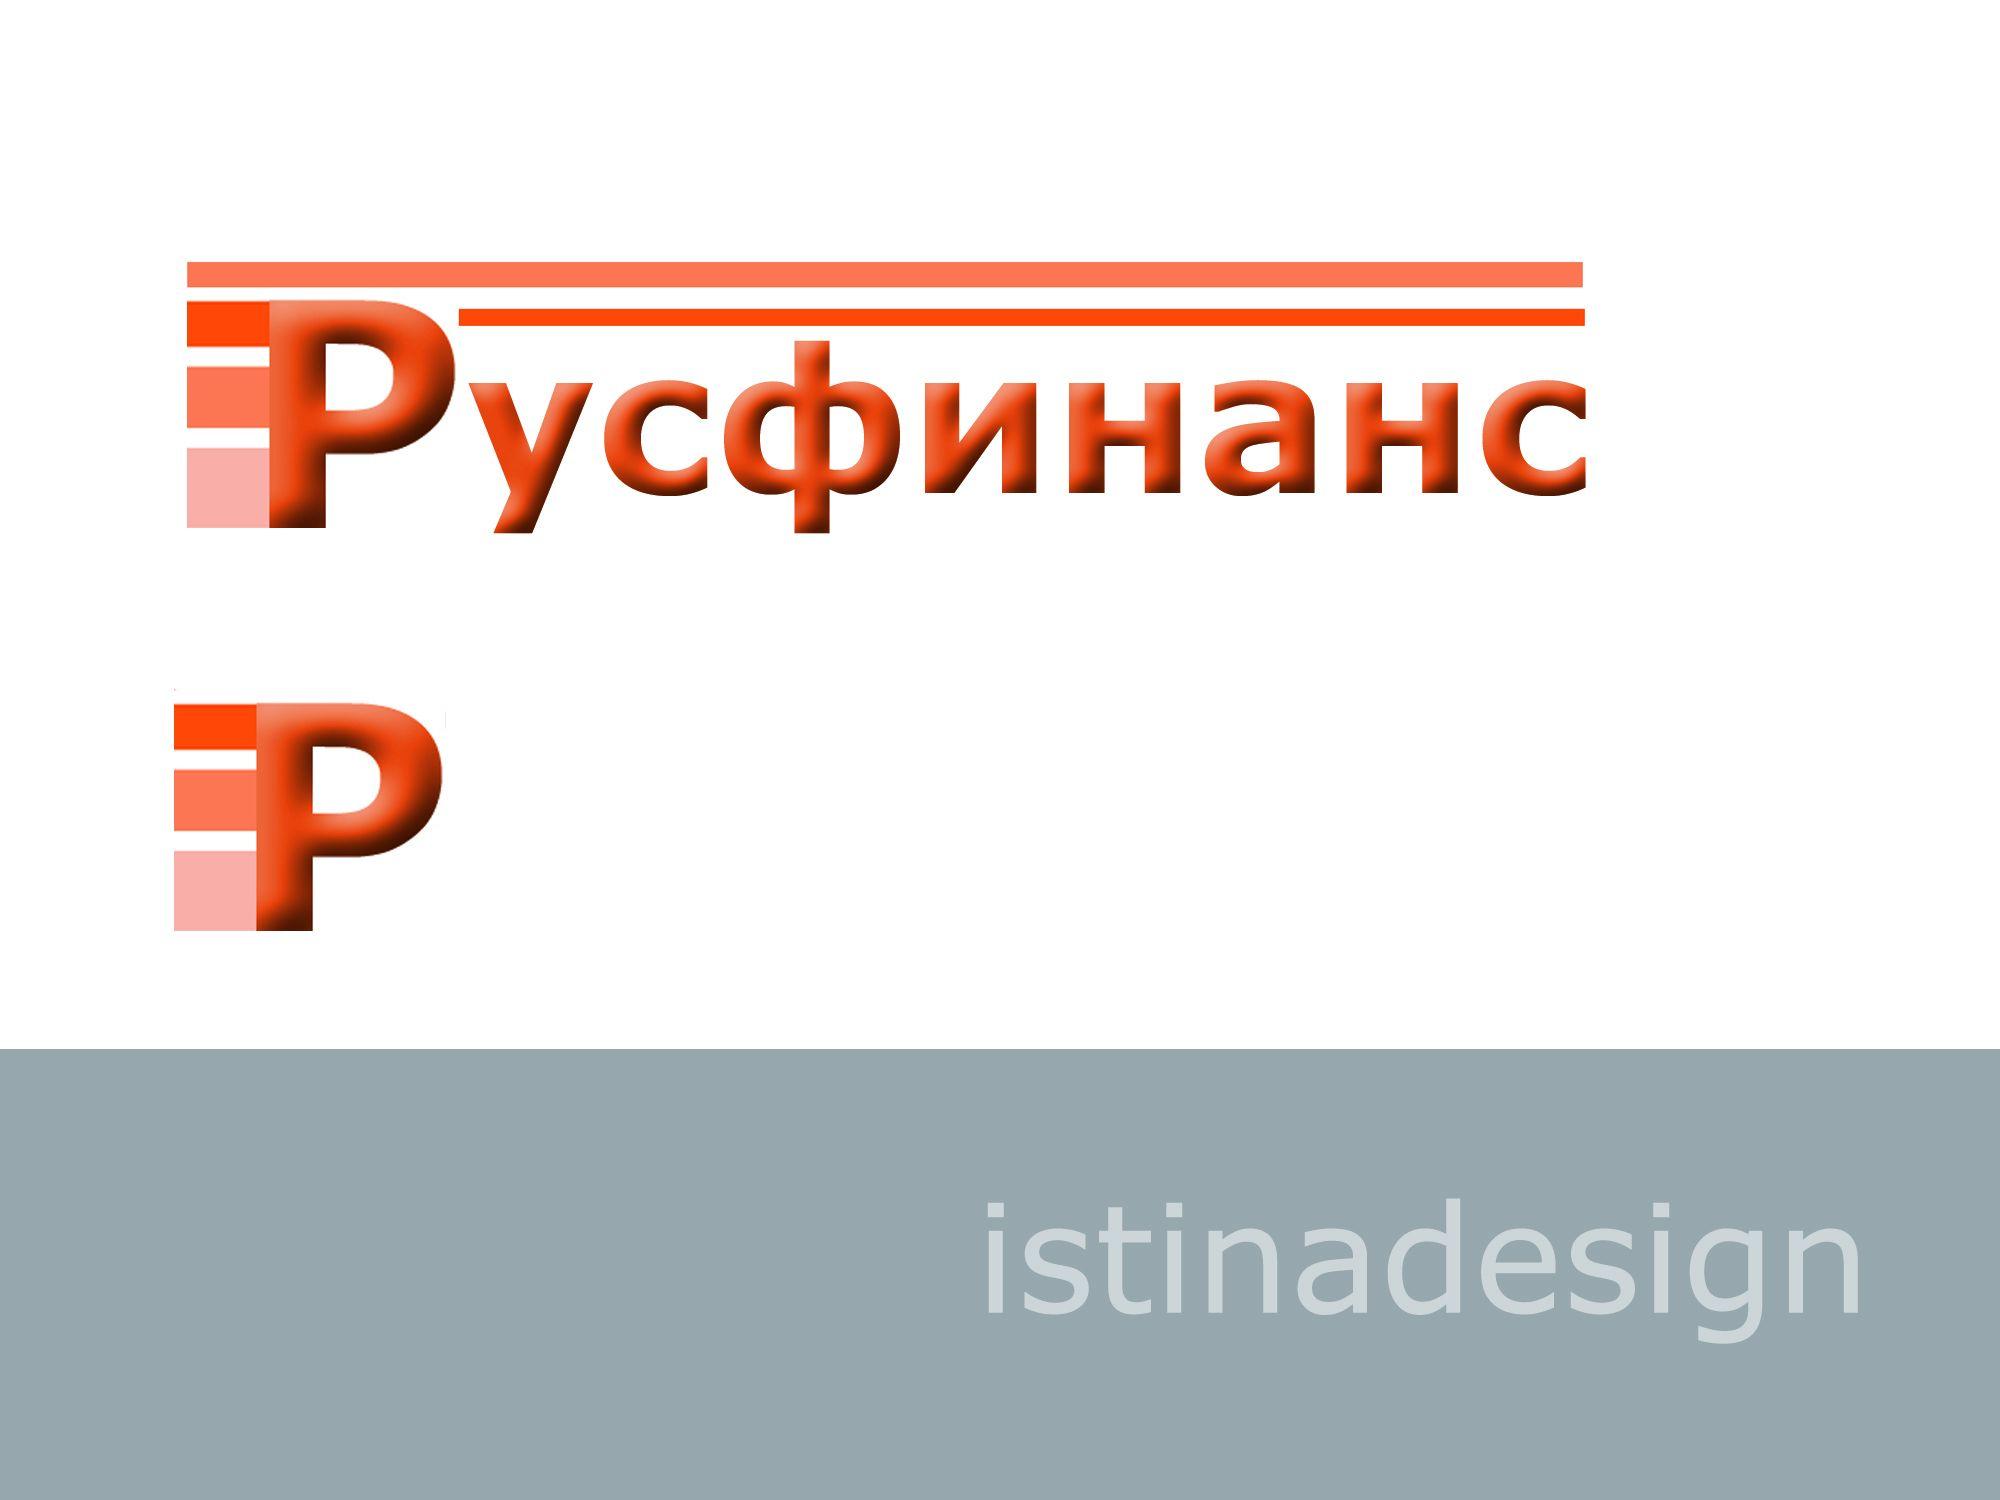 Логотип для Русфинанс - дизайнер istina